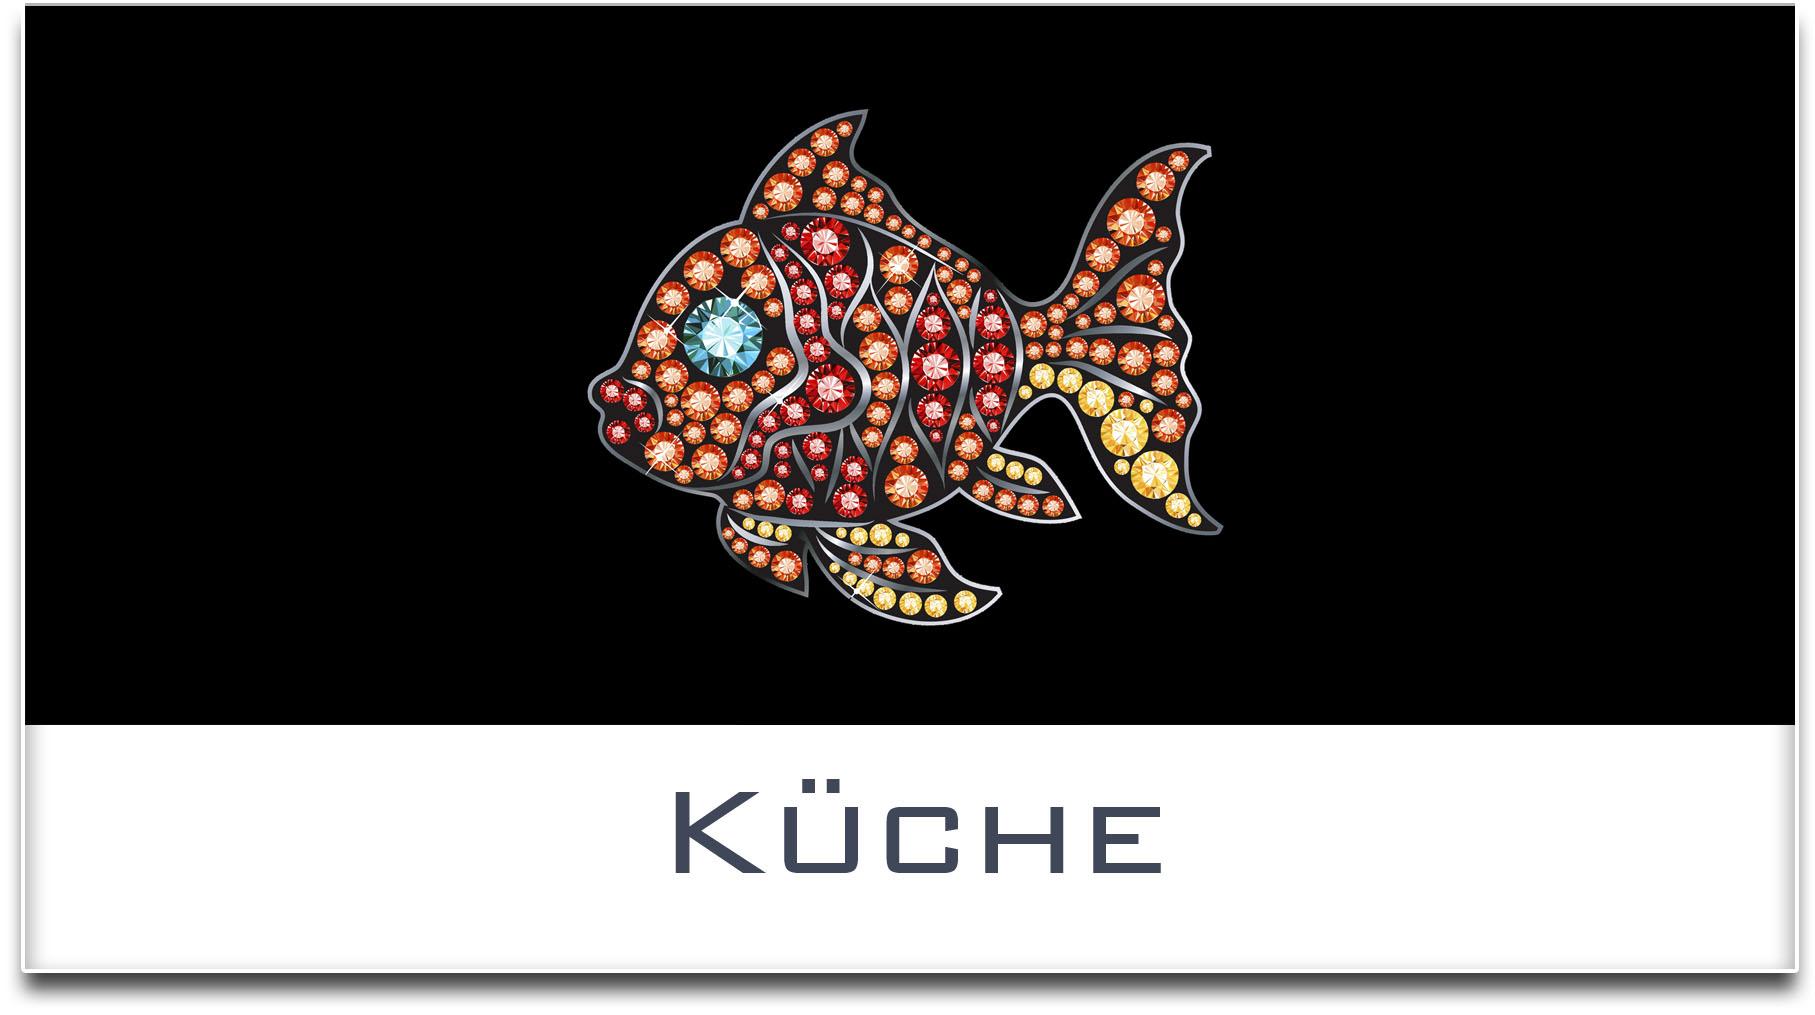 Türschild / Haustürschild / Fisch / Küche / Selbstklebend